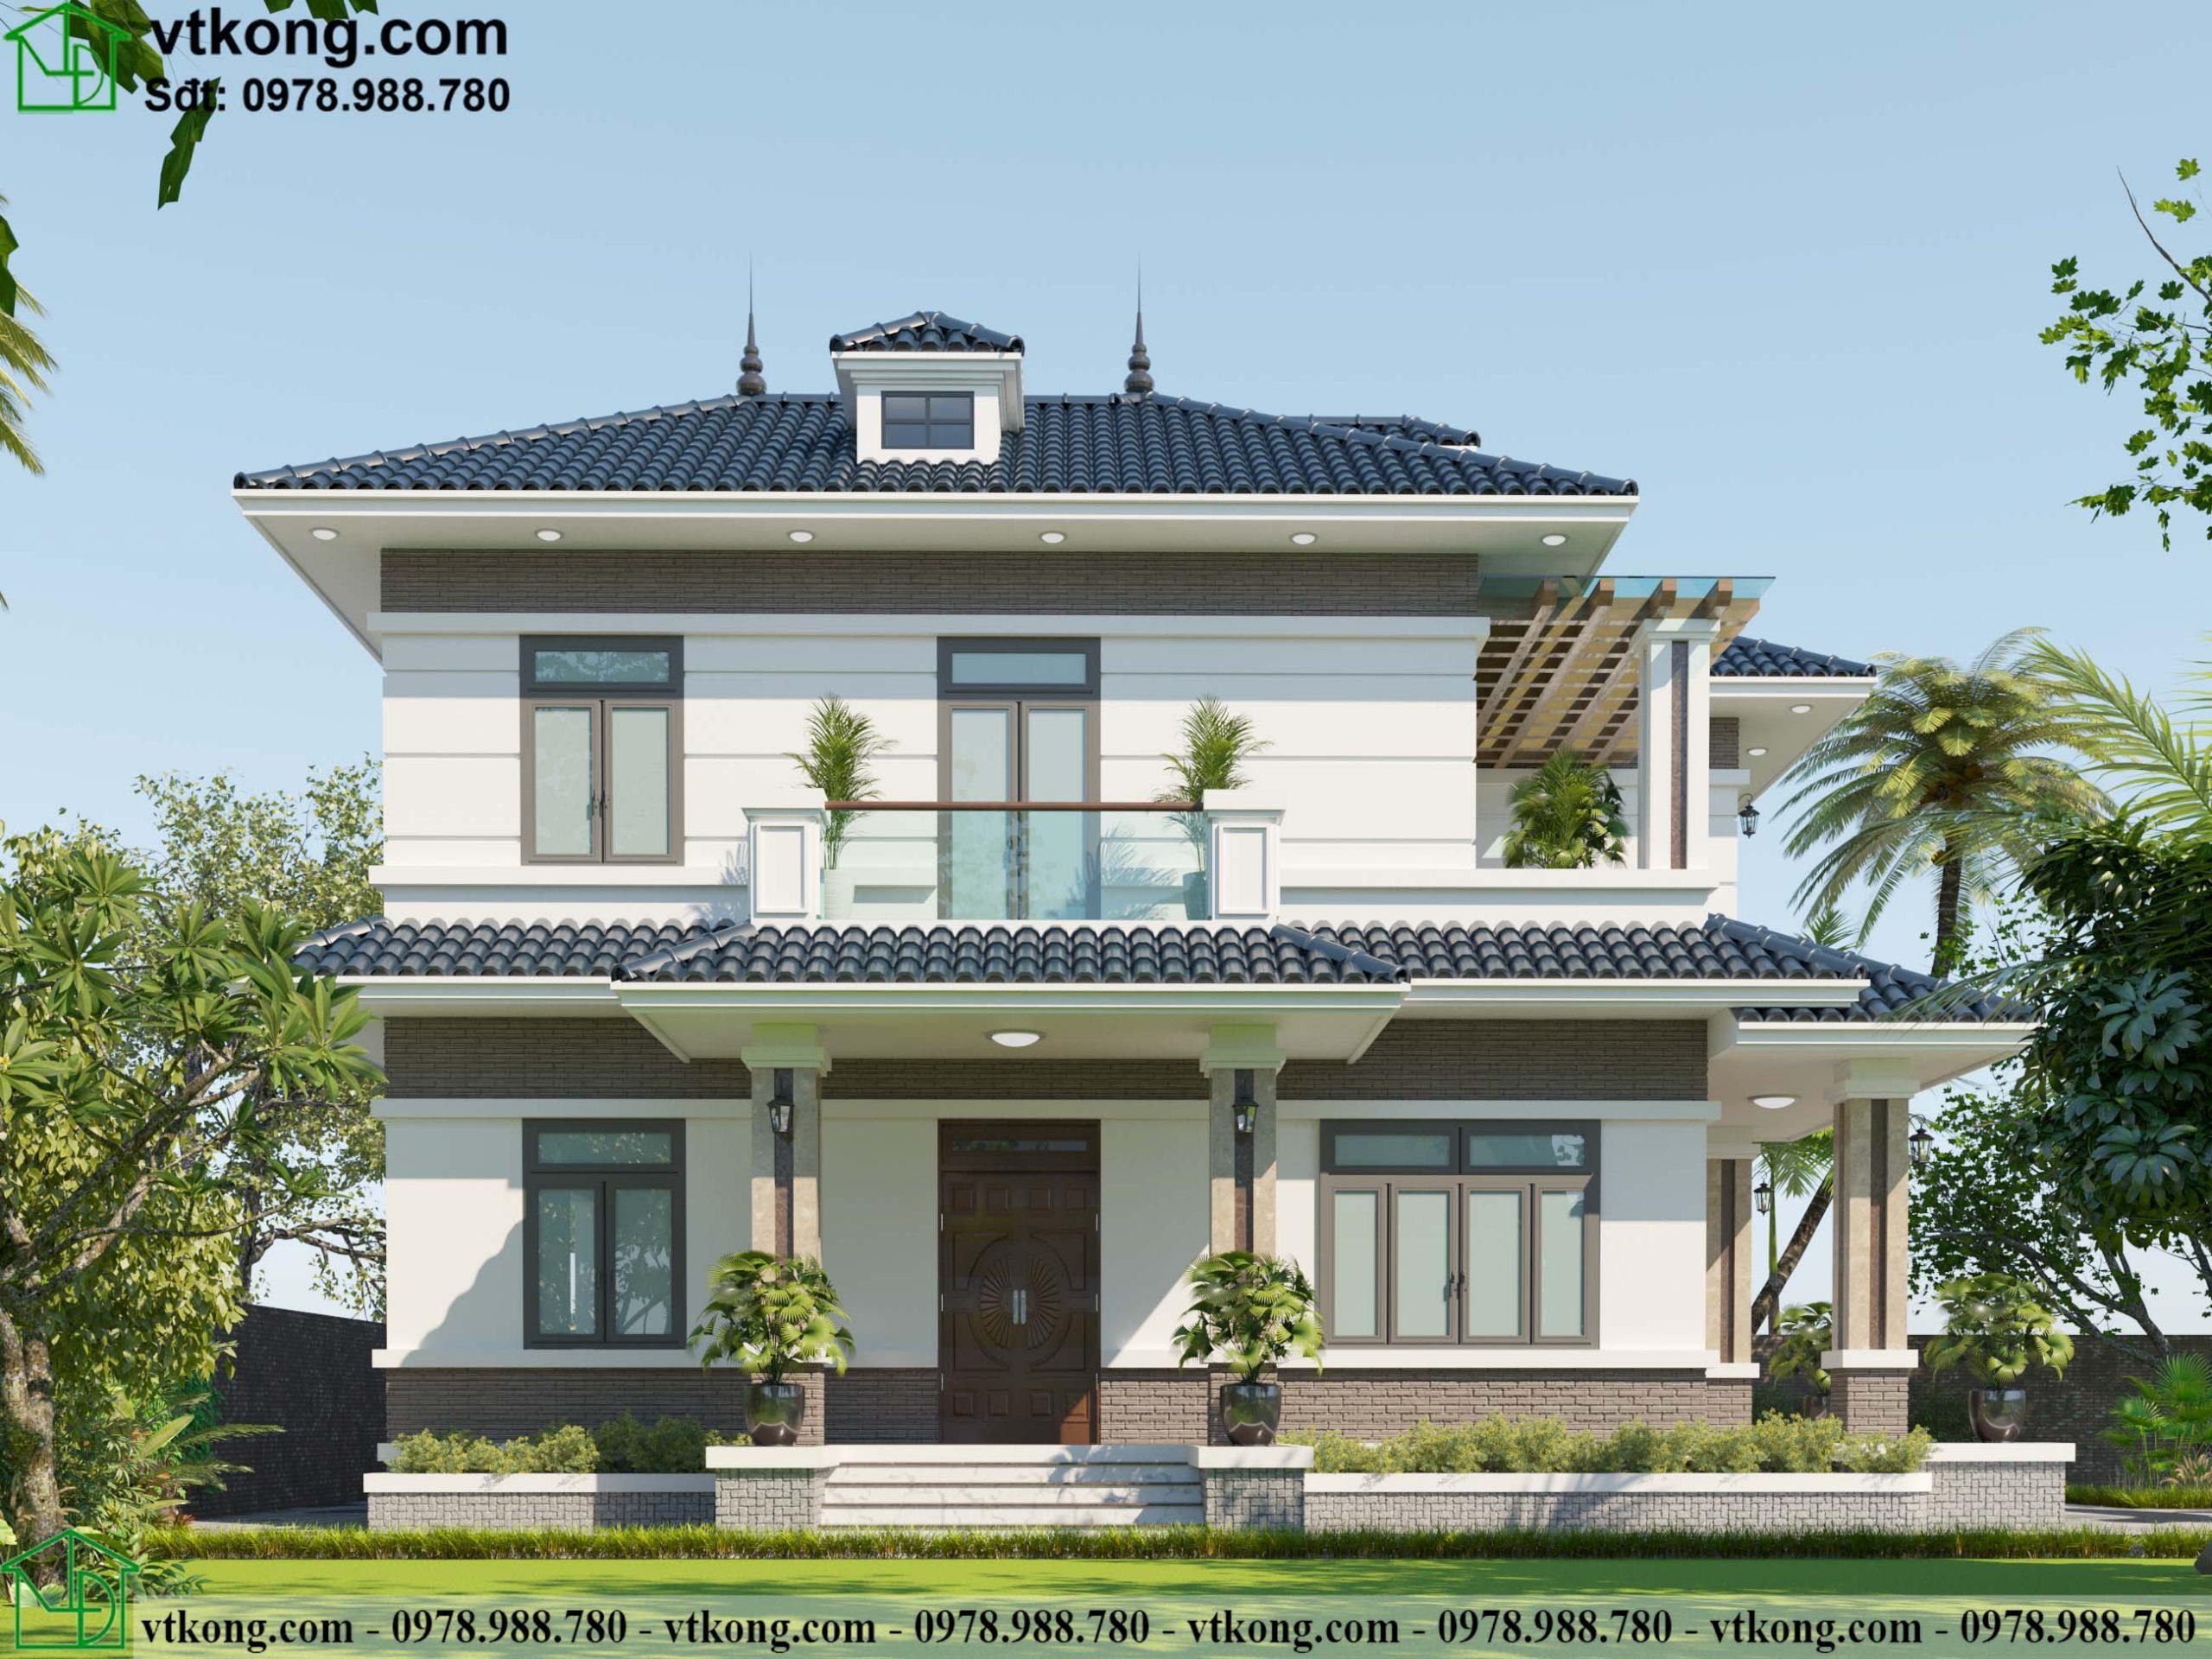 Mẫu thiết kế biệt thự 2 tầng 11x14m mái Nhật có sân vườn BT2T64 2